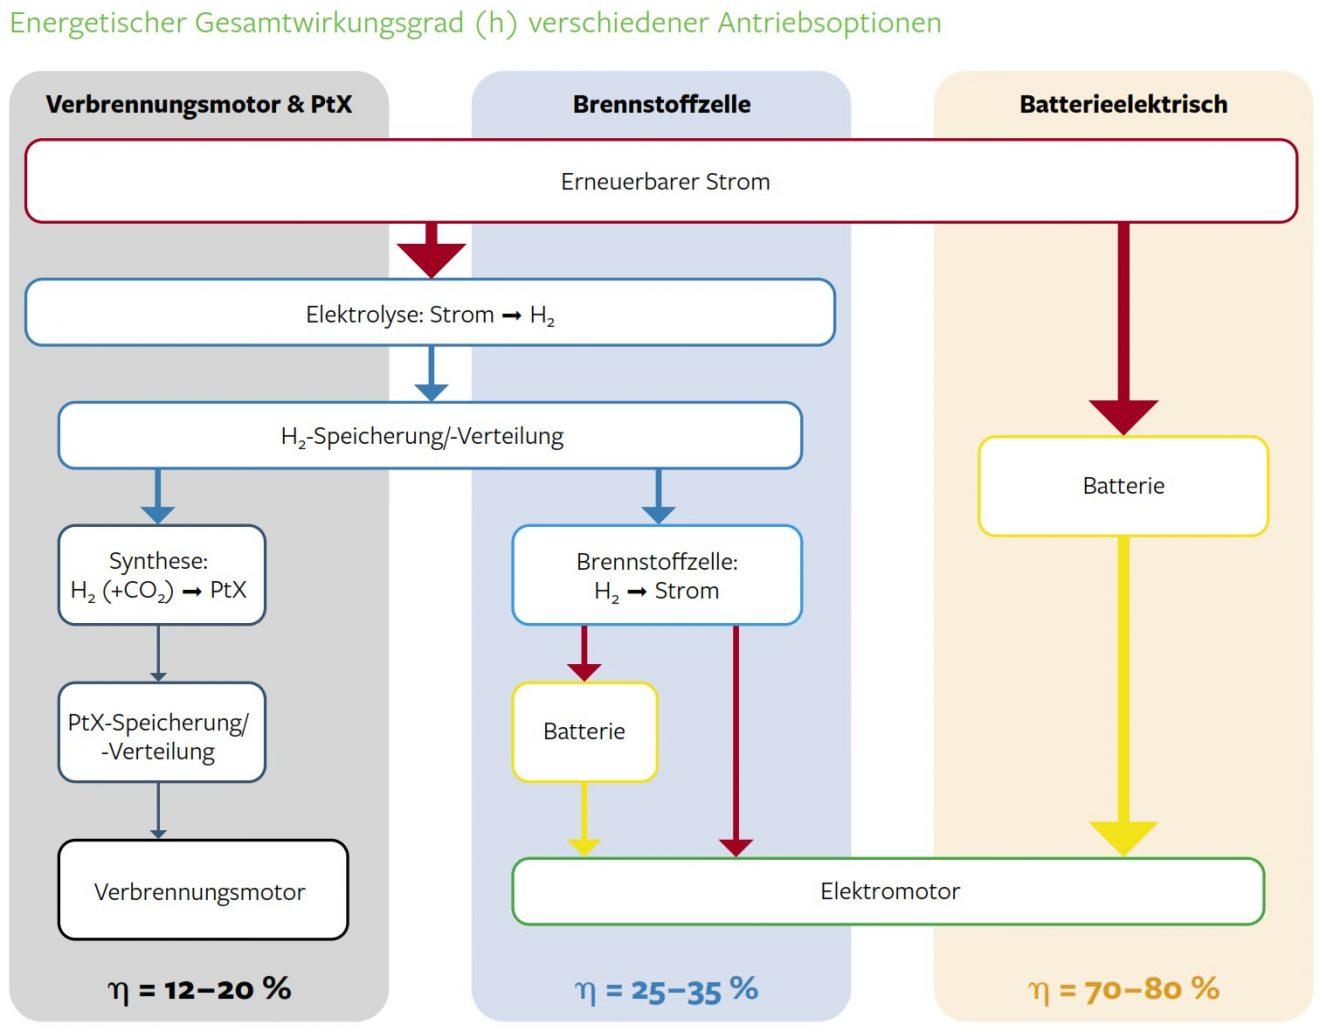 Energetischer Gesamtwirkungsgrad verschiedener Antriebsoptionen